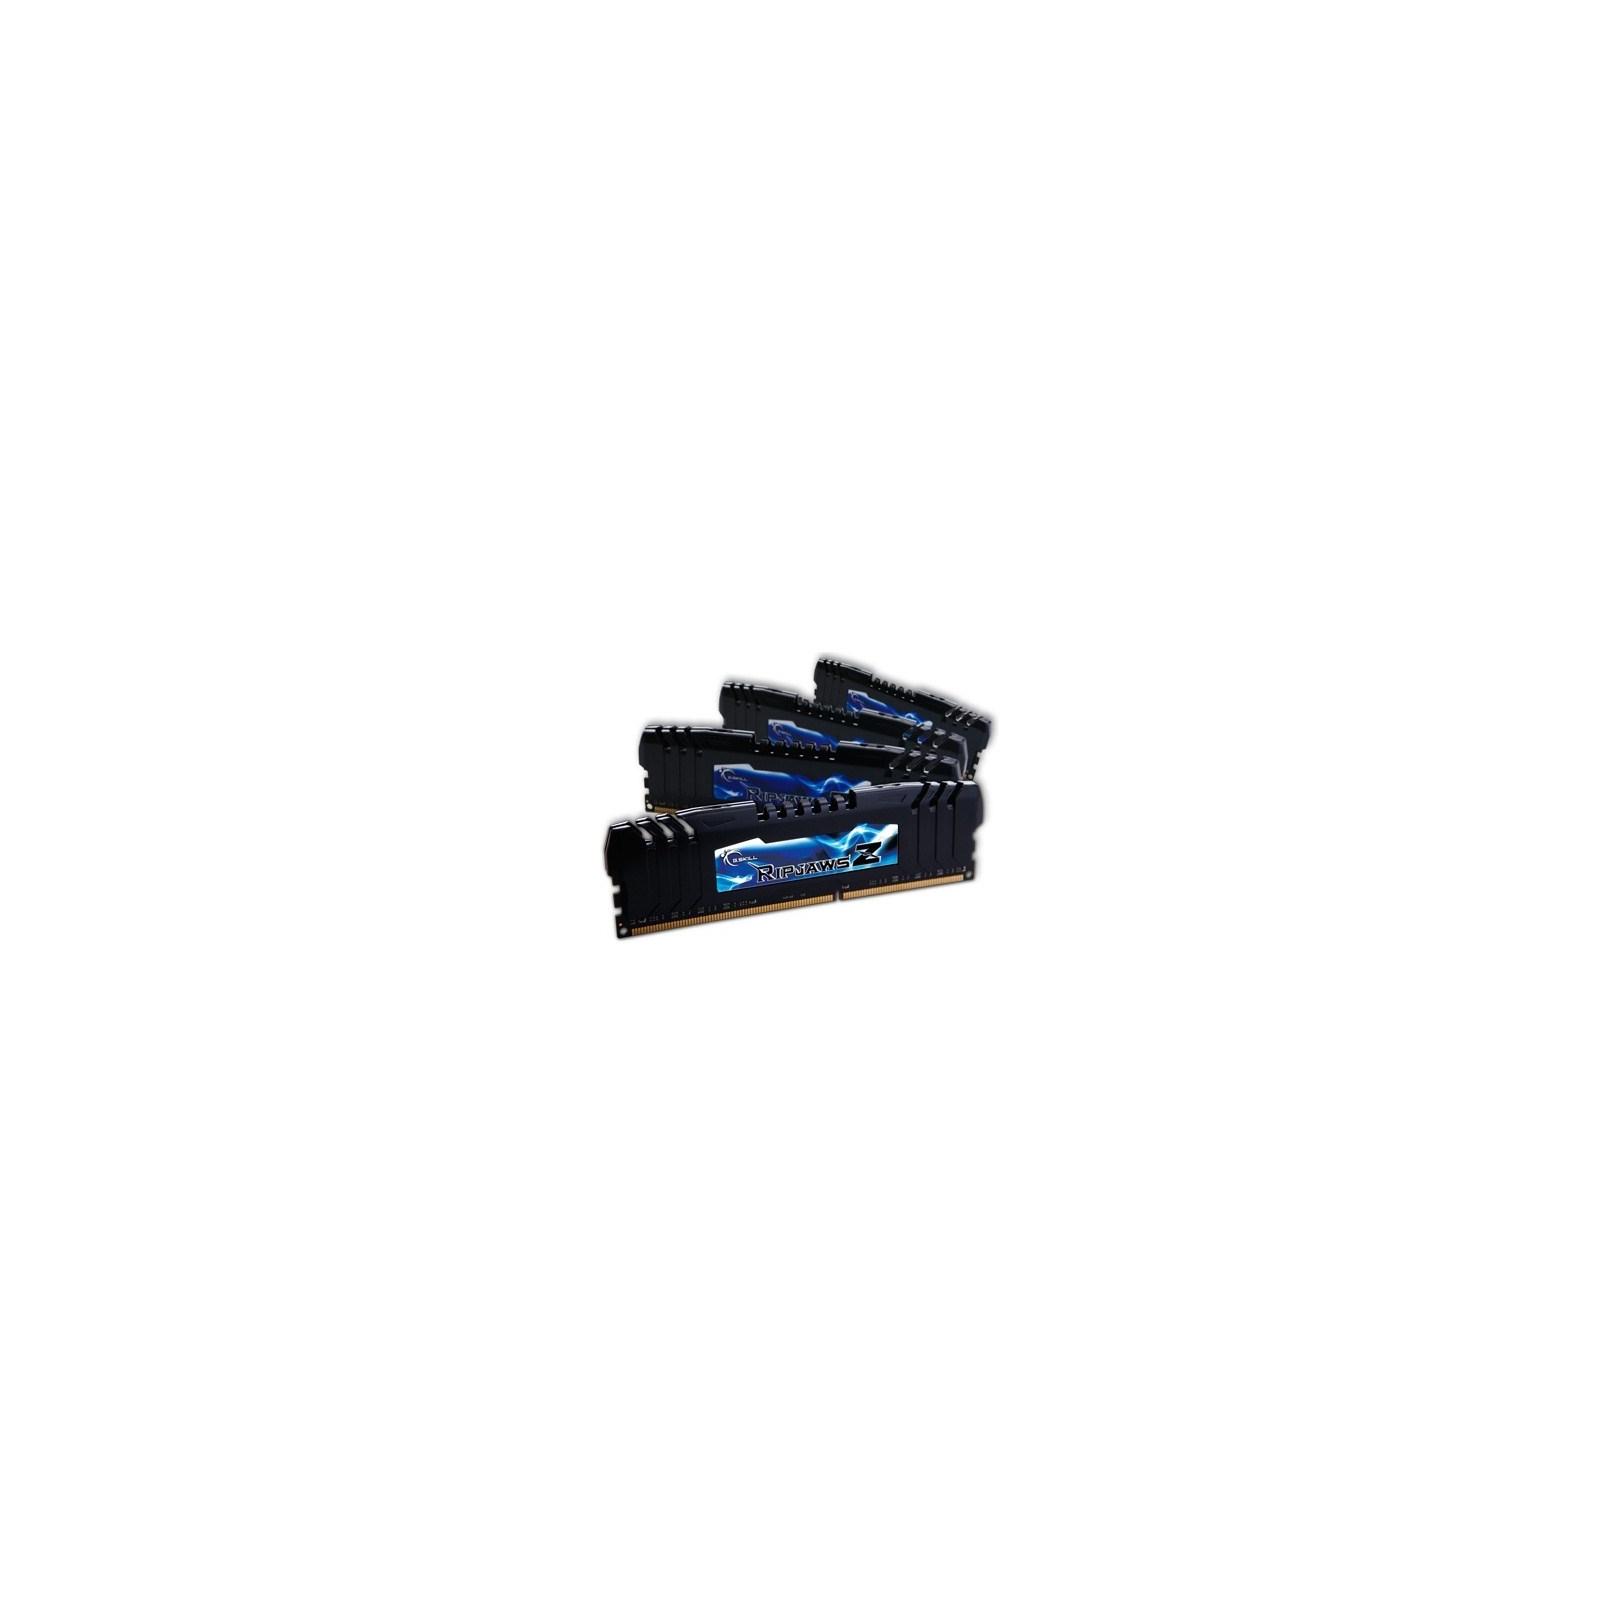 Модуль памяти для компьютера DDR3 16GB (4x4GB) 2400 MHz G.Skill (F3-19200CL11Q-16GBZHD)